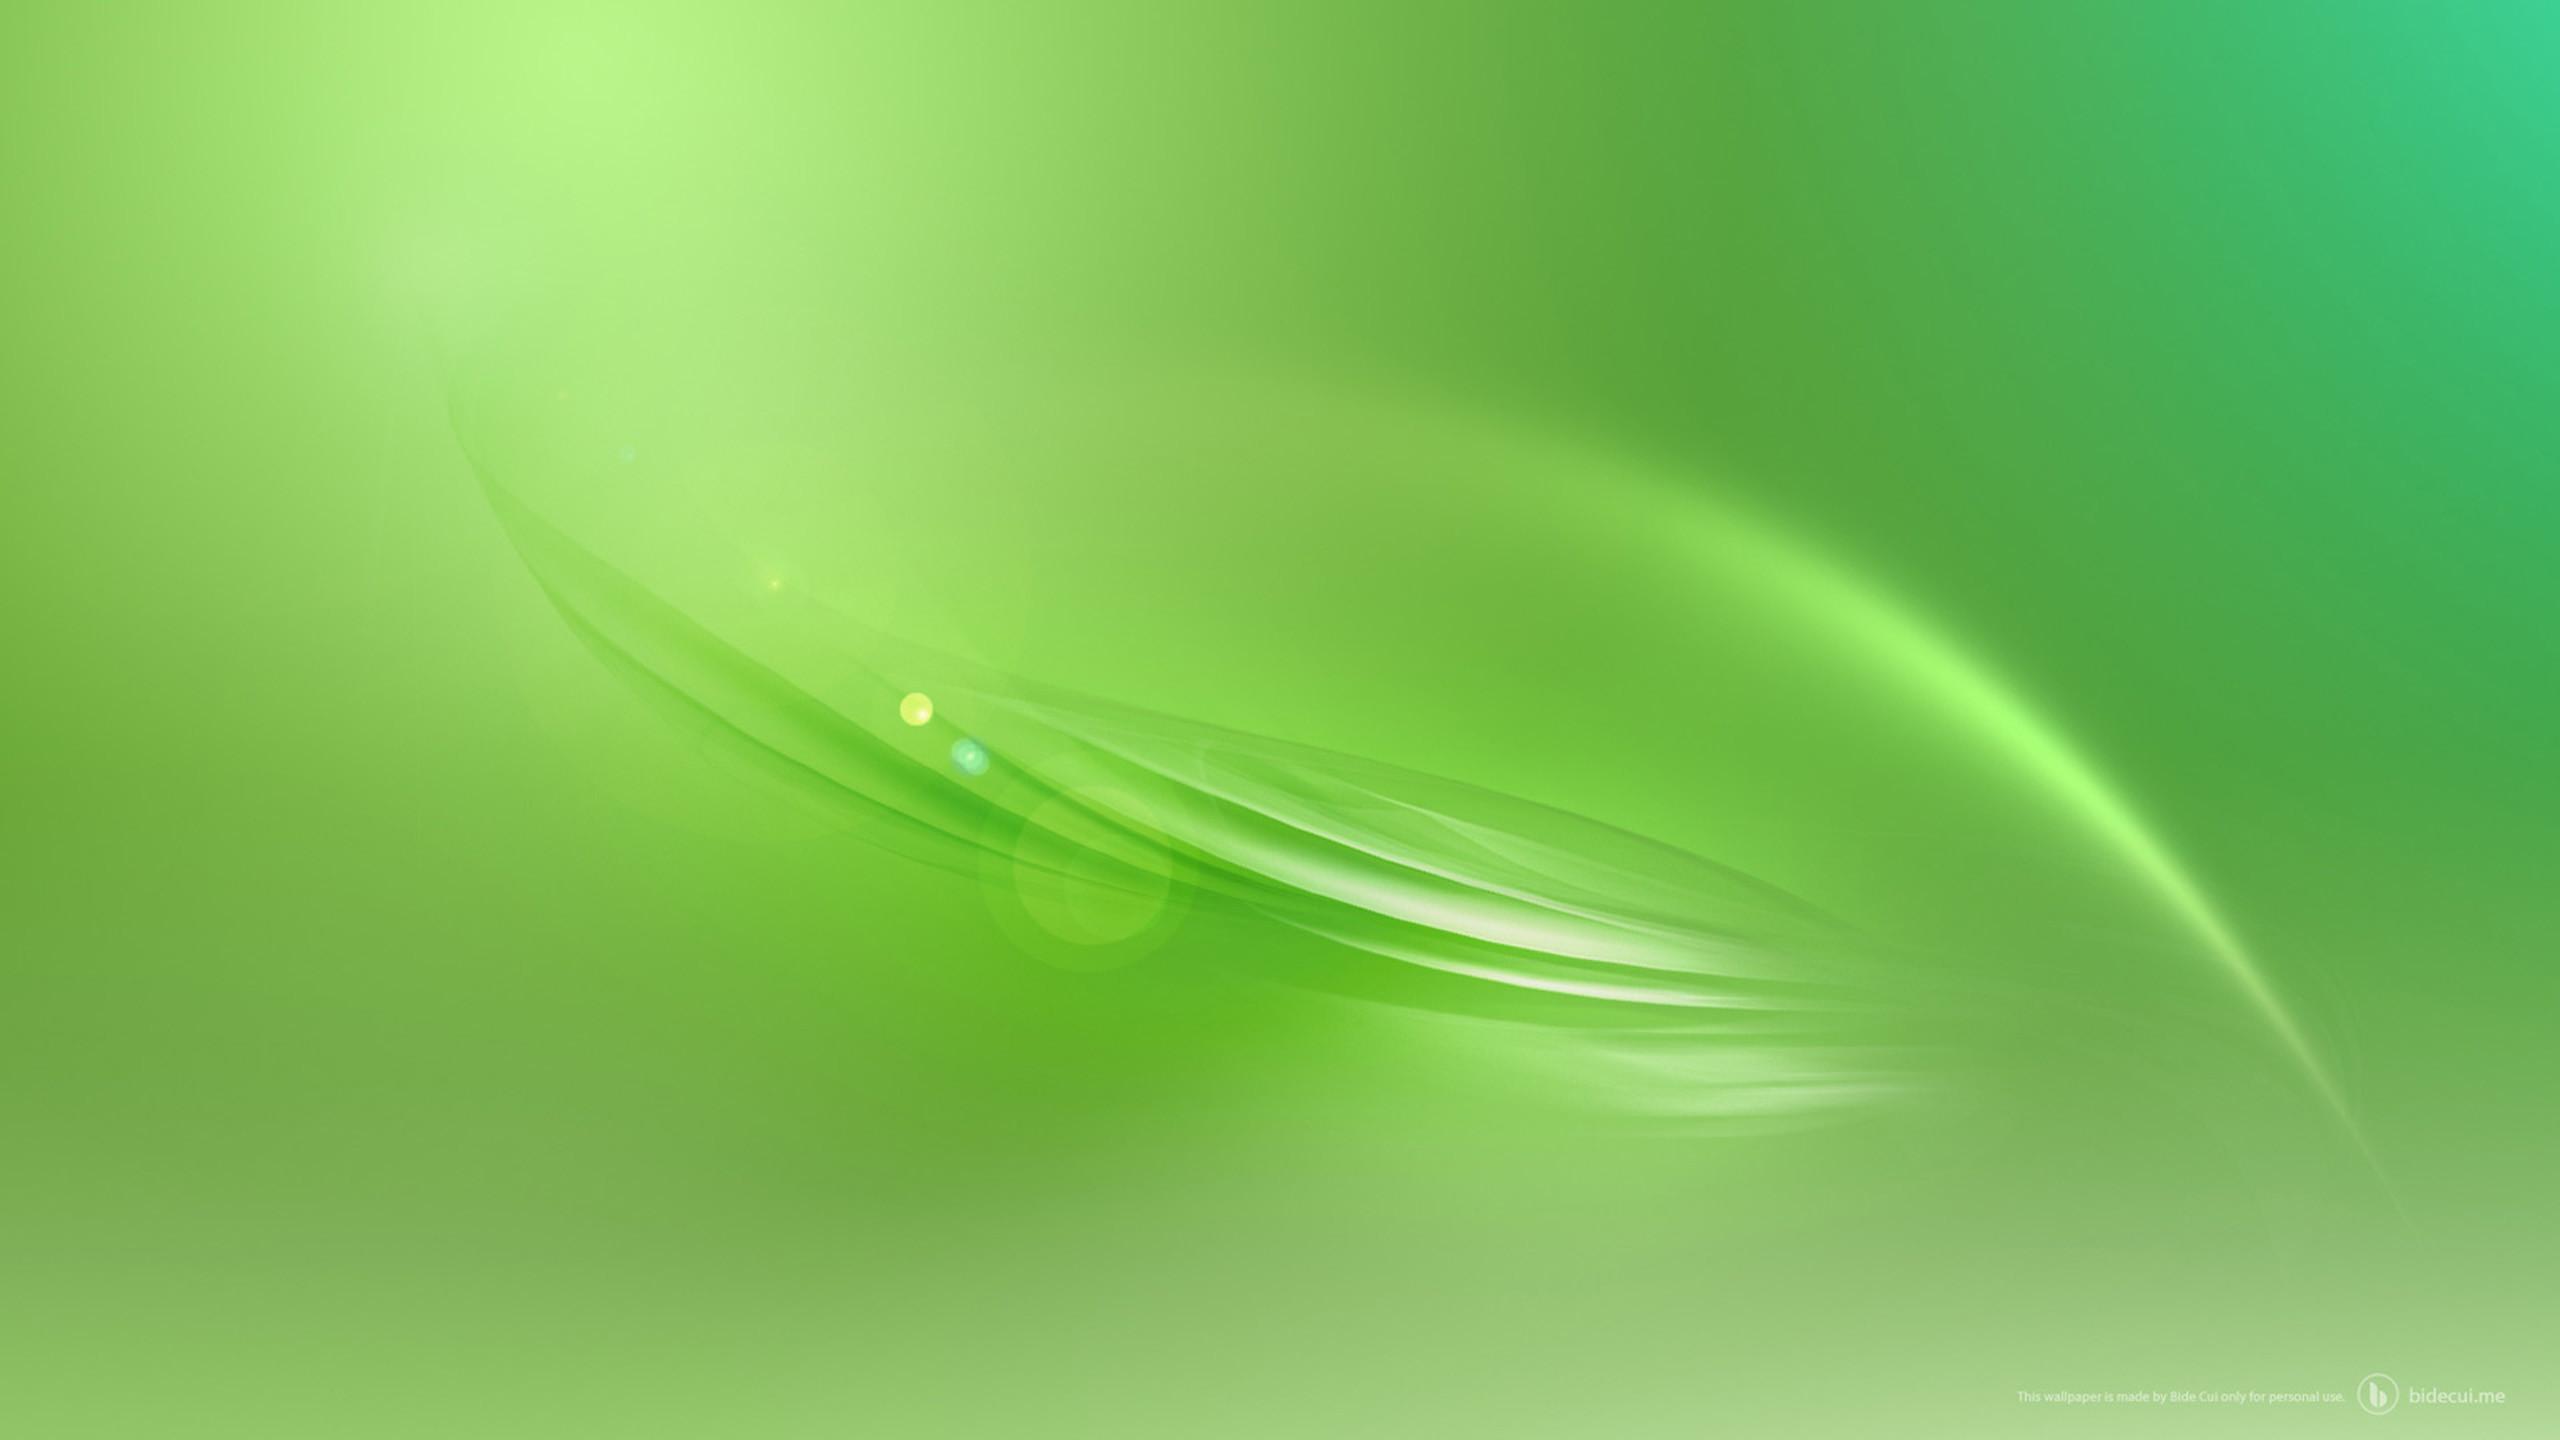 Res: 2560x1440, Green color wallpaper 12, HD Desktop Wallpapers